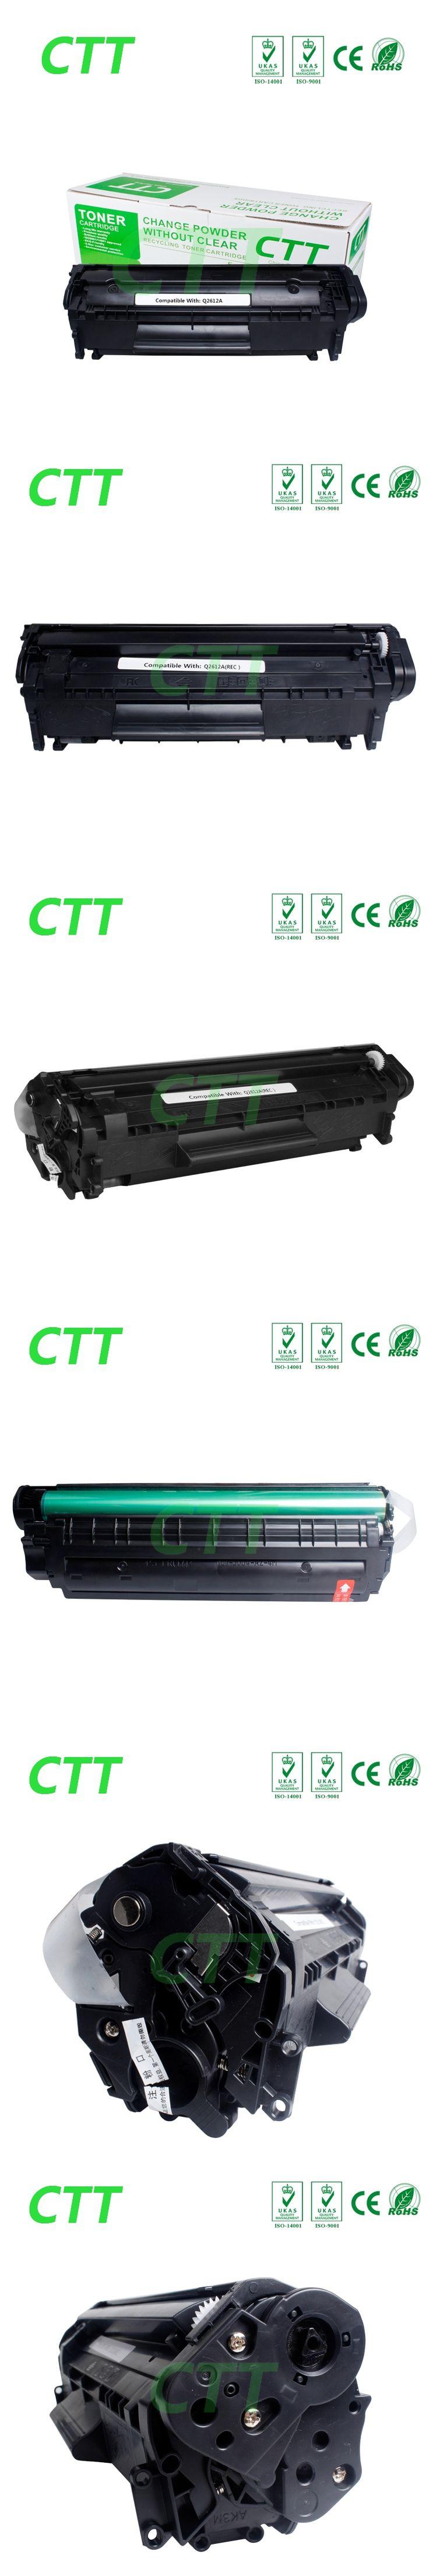 Q2612A 2612a 12a 2612 Compatible toner cartridge for HP 1010 1012 1015 1018 1020 1022 3010 3015 3020 3030 3050 M1005 printer